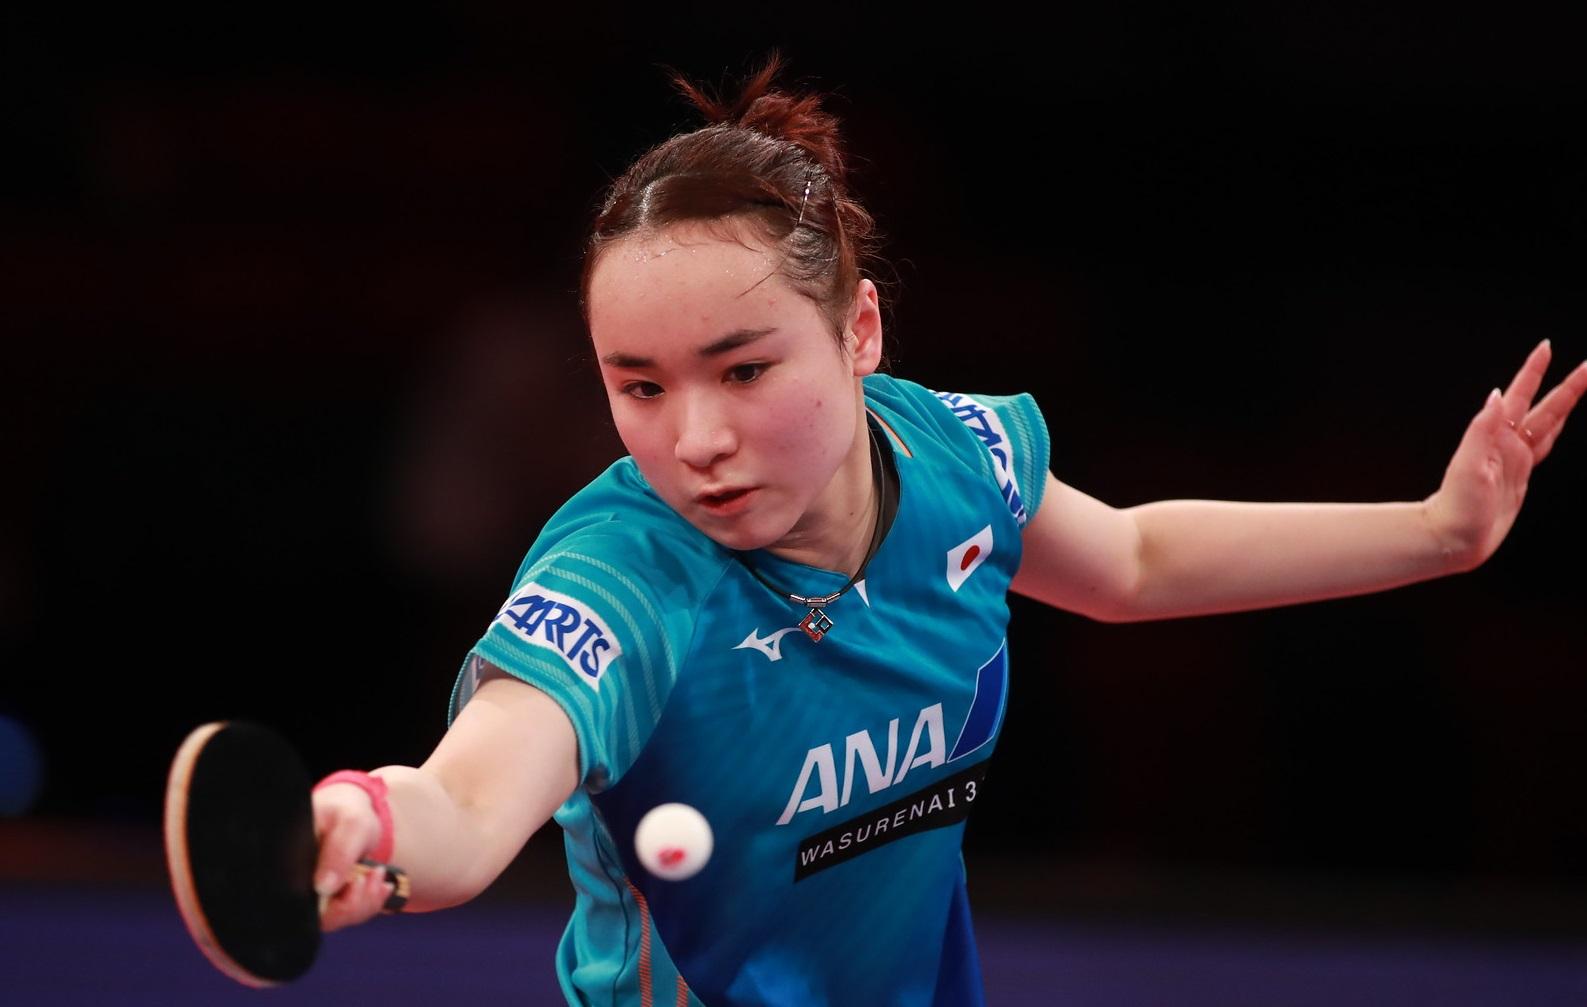 伊藤美誠、日本人対決に勝利 準々決勝へ<卓球・オーストリアオープン>